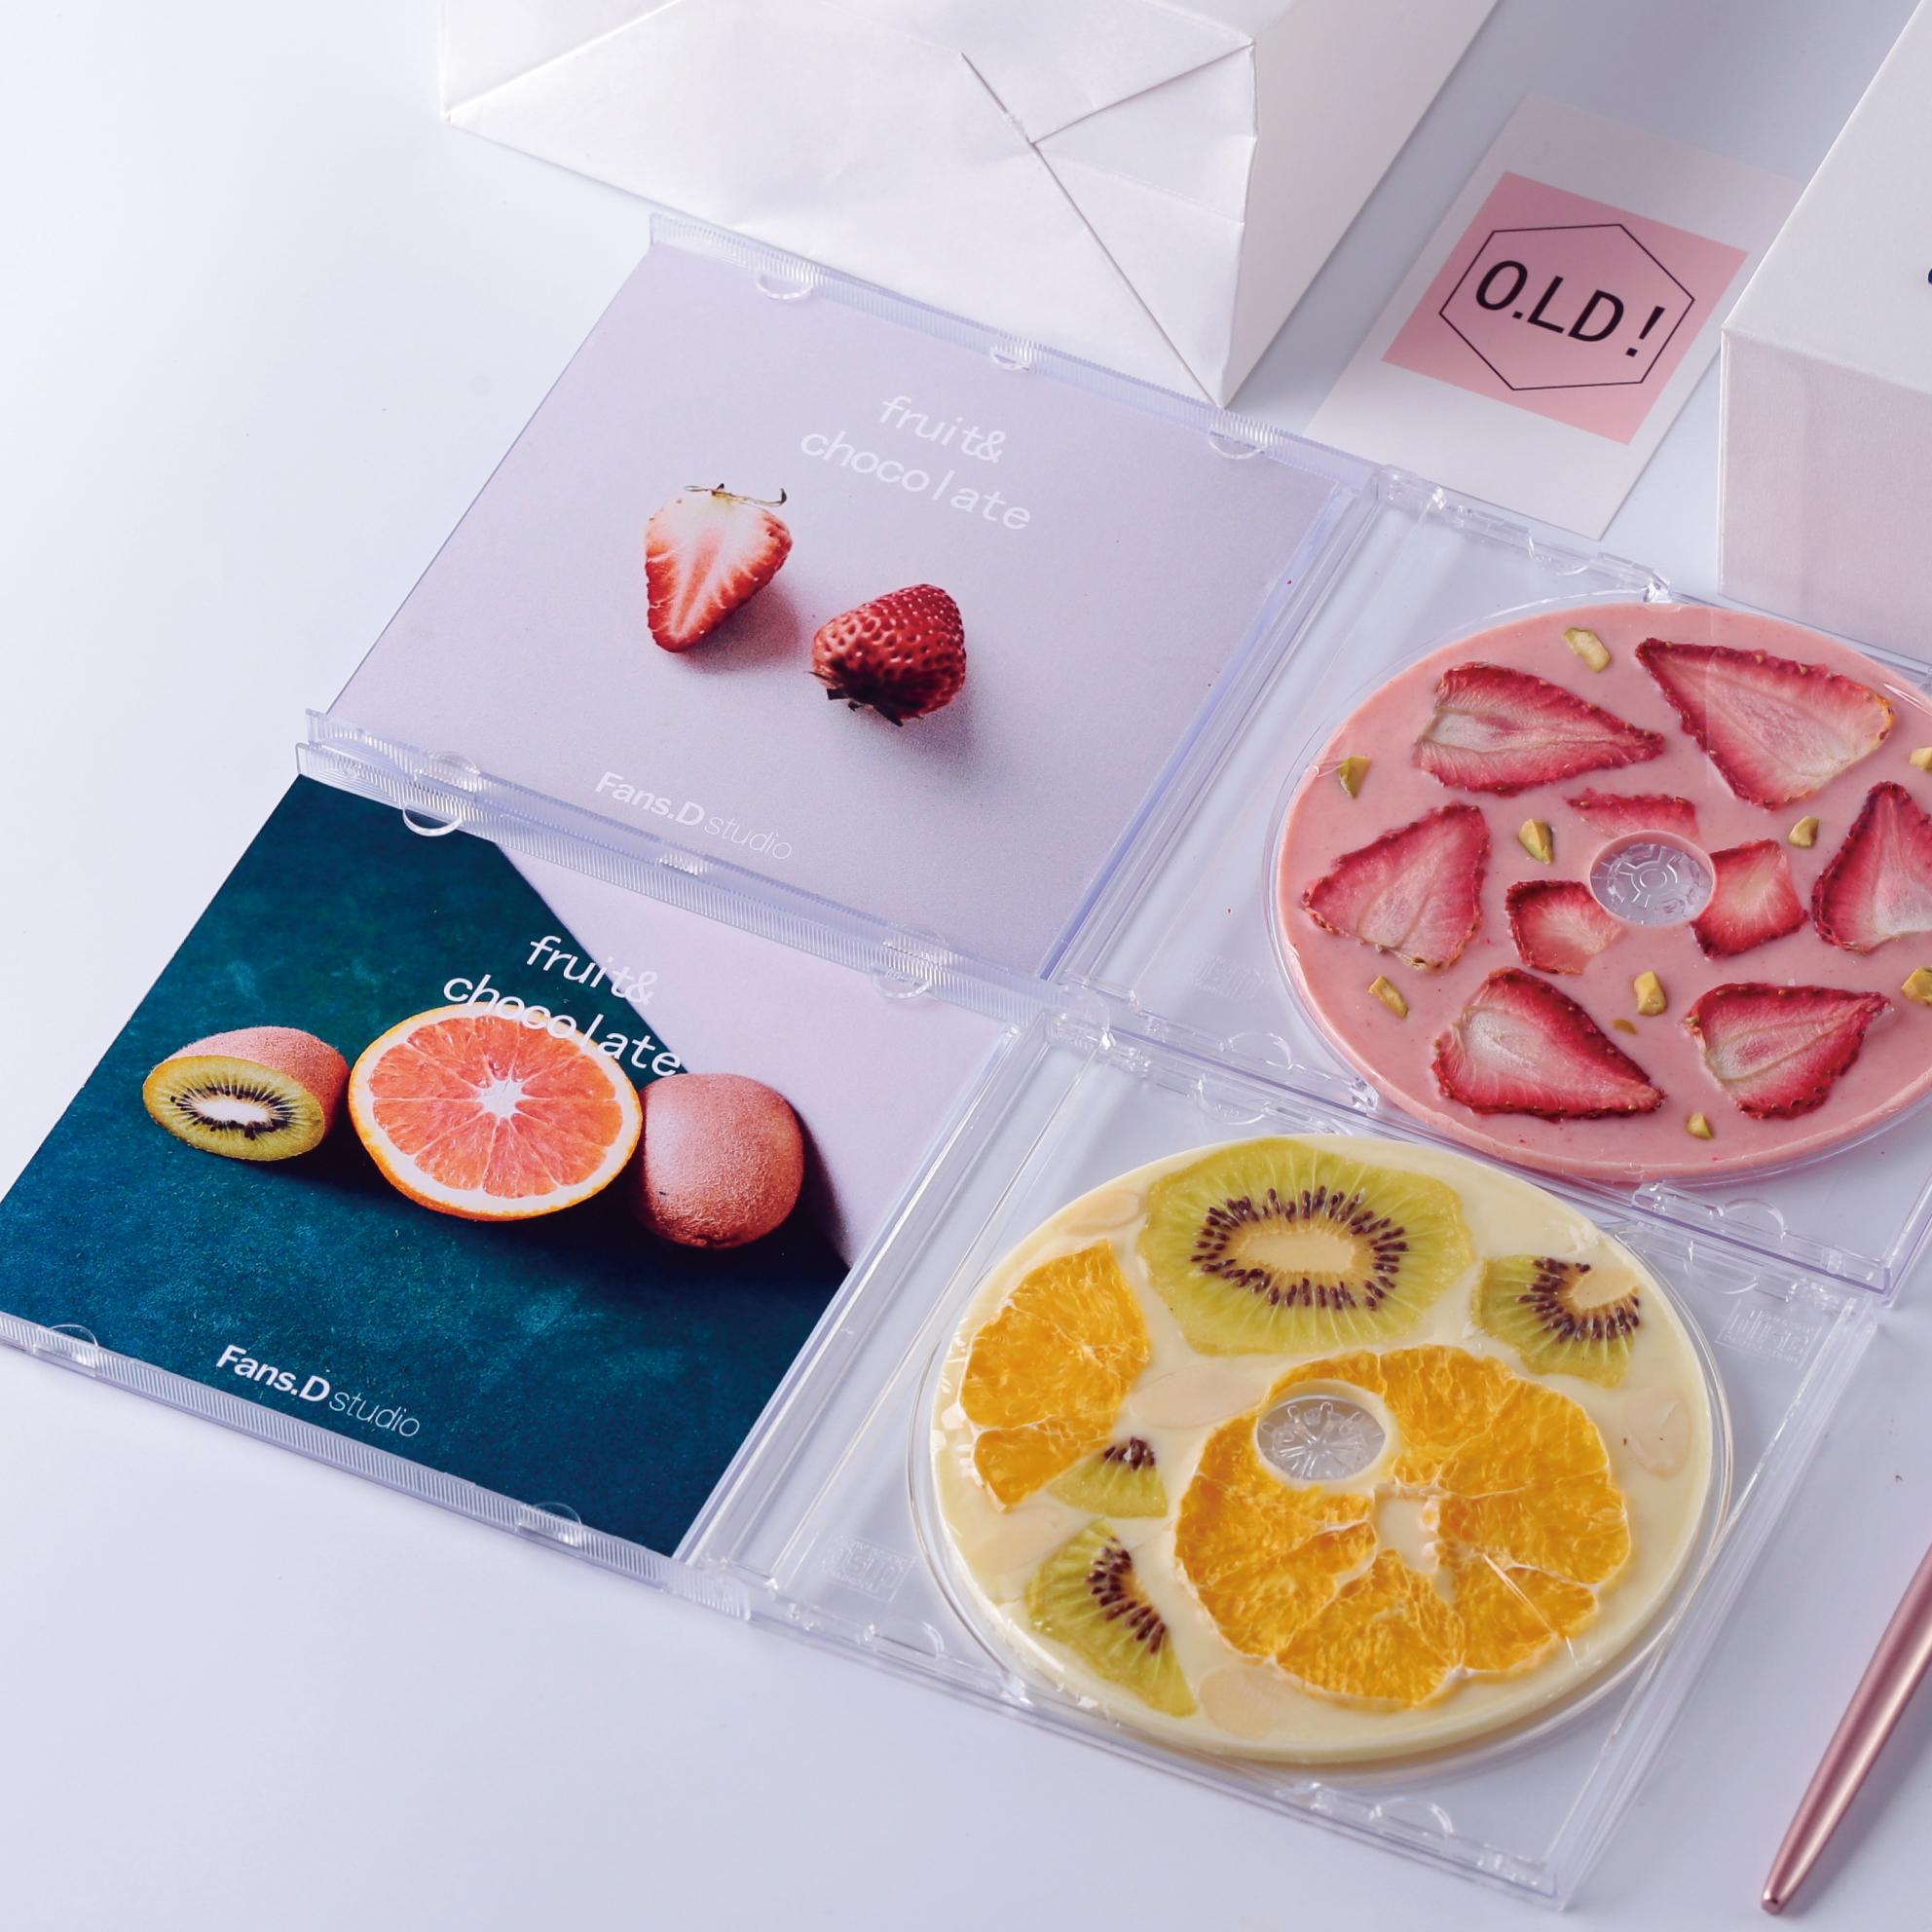 草莓水果光盘唱片cd巧克力DIY网红零食送女友闺蜜生日礼物品